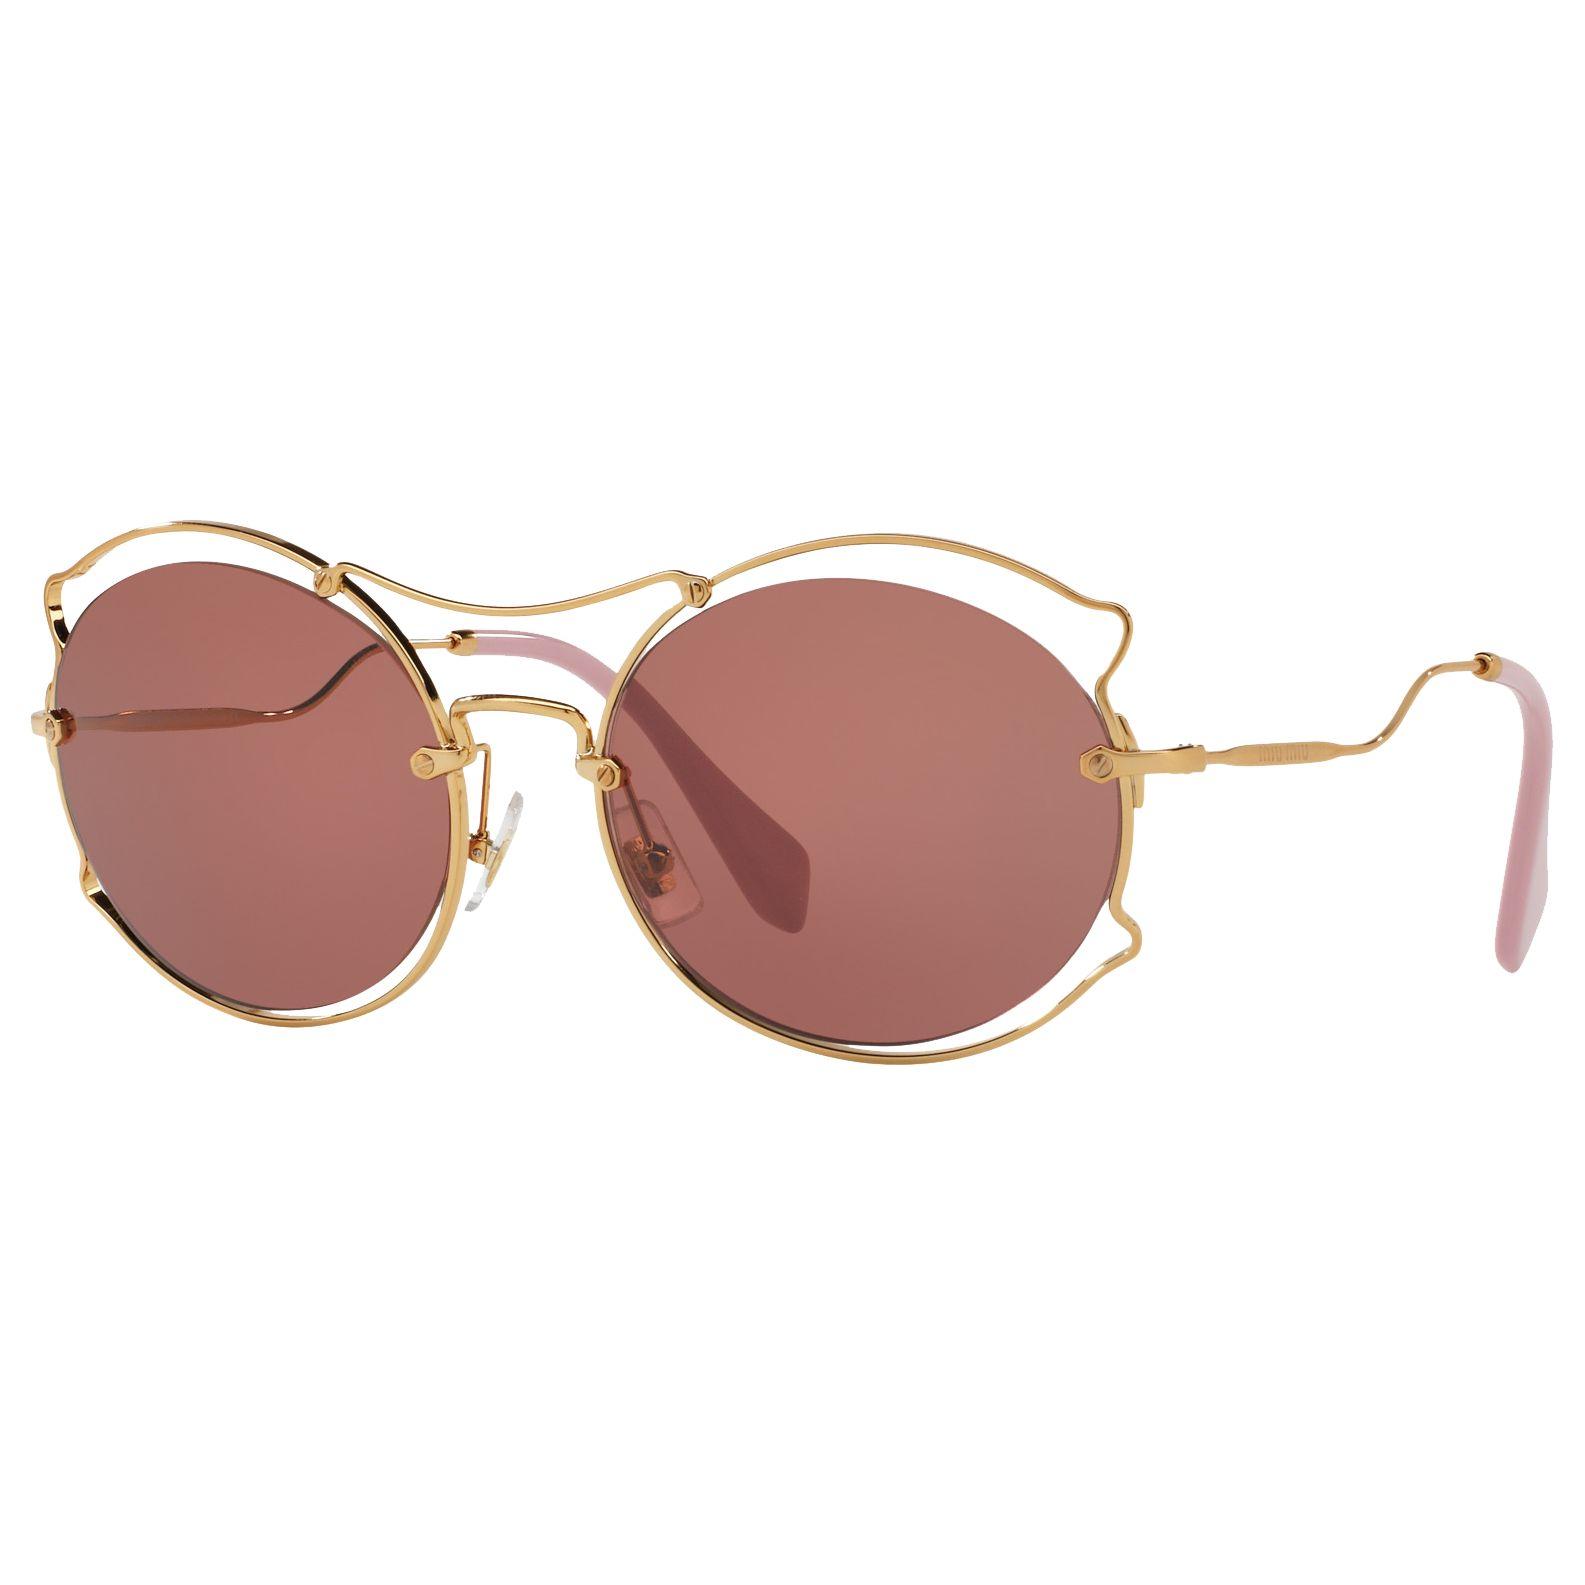 Miu Miu Miu Miu MU 50SS Geometric Sunglasses